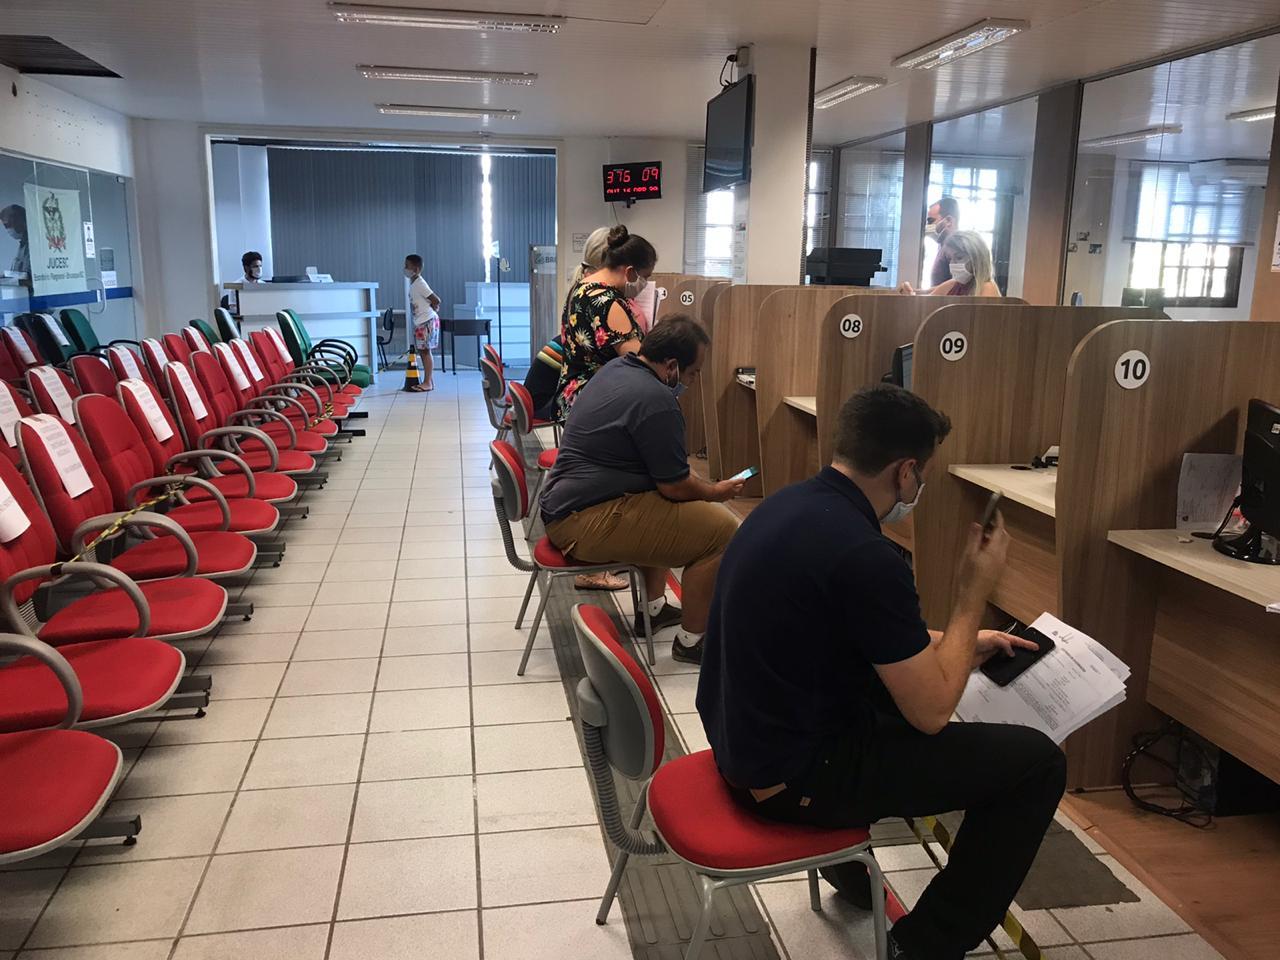 Judiciário mantém obrigatoriedade do uso de máscaras em Brusque